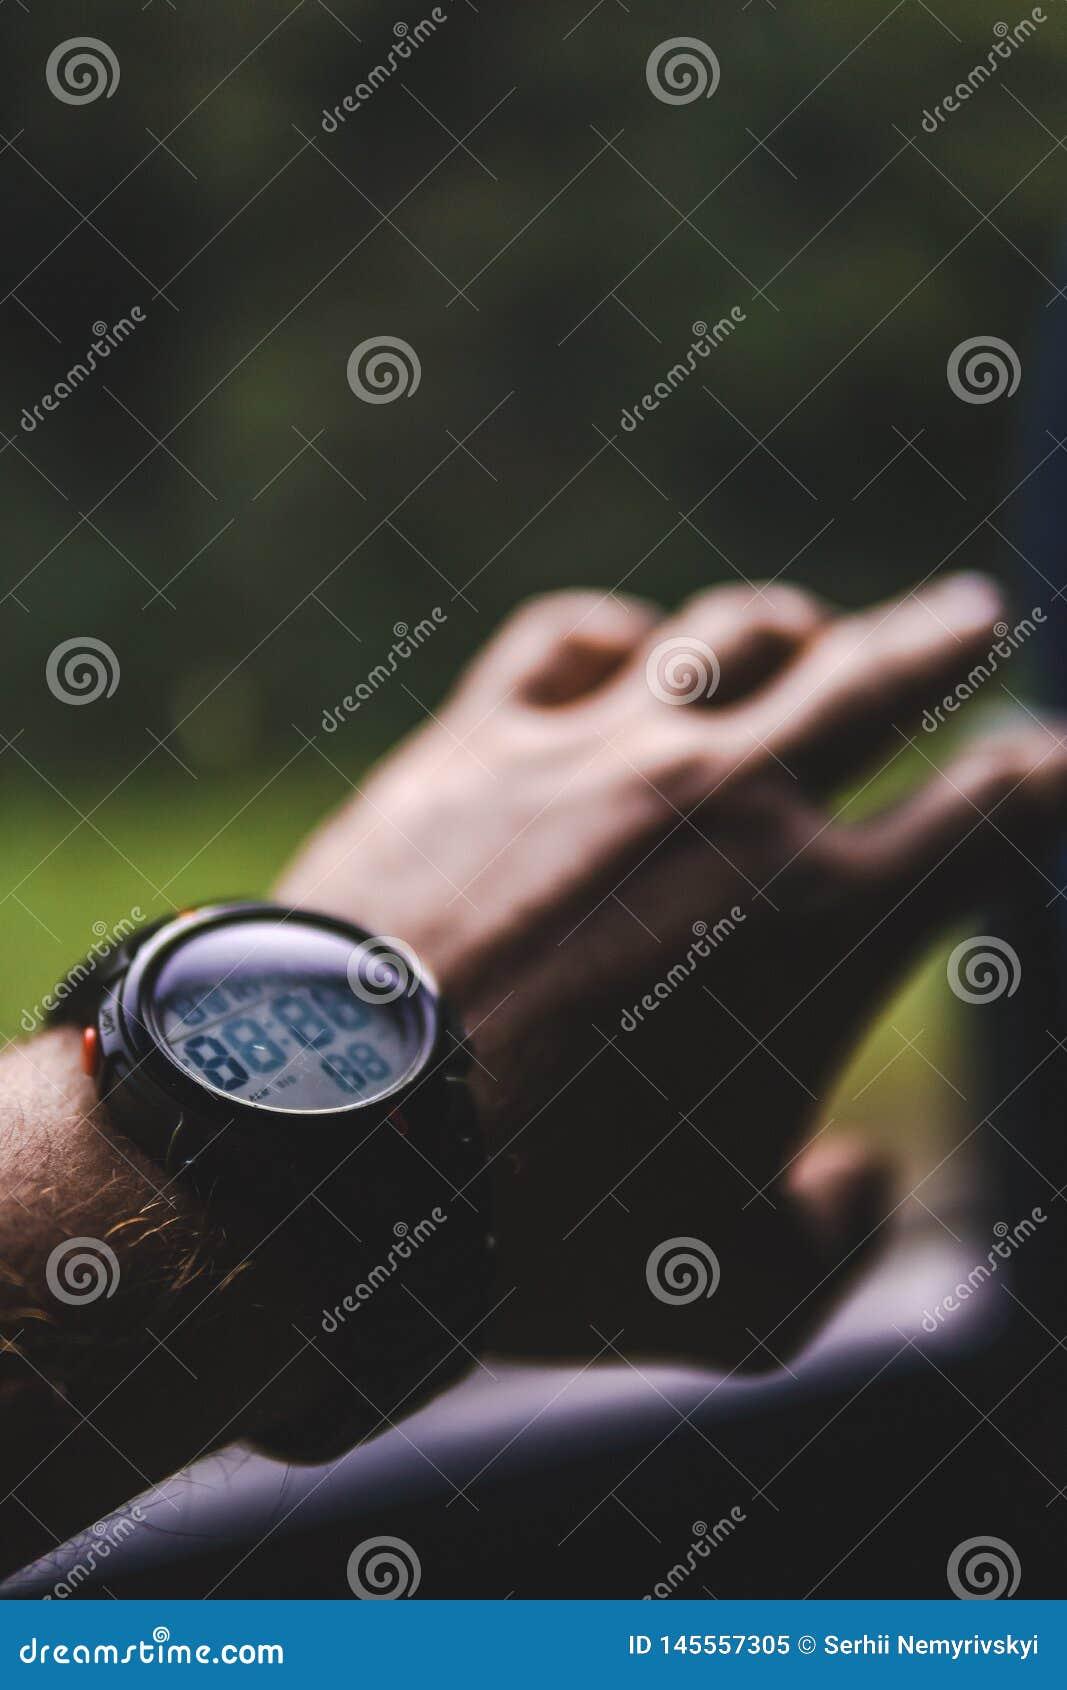 Πρόσωπο που χρησιμοποιεί το ρολόι Νεαρός άνδρας νεαρών άνδρων που οδηγά ένα λεωφορείο στο δρόμο που φαίνεται έξω το παράθυρο έννο